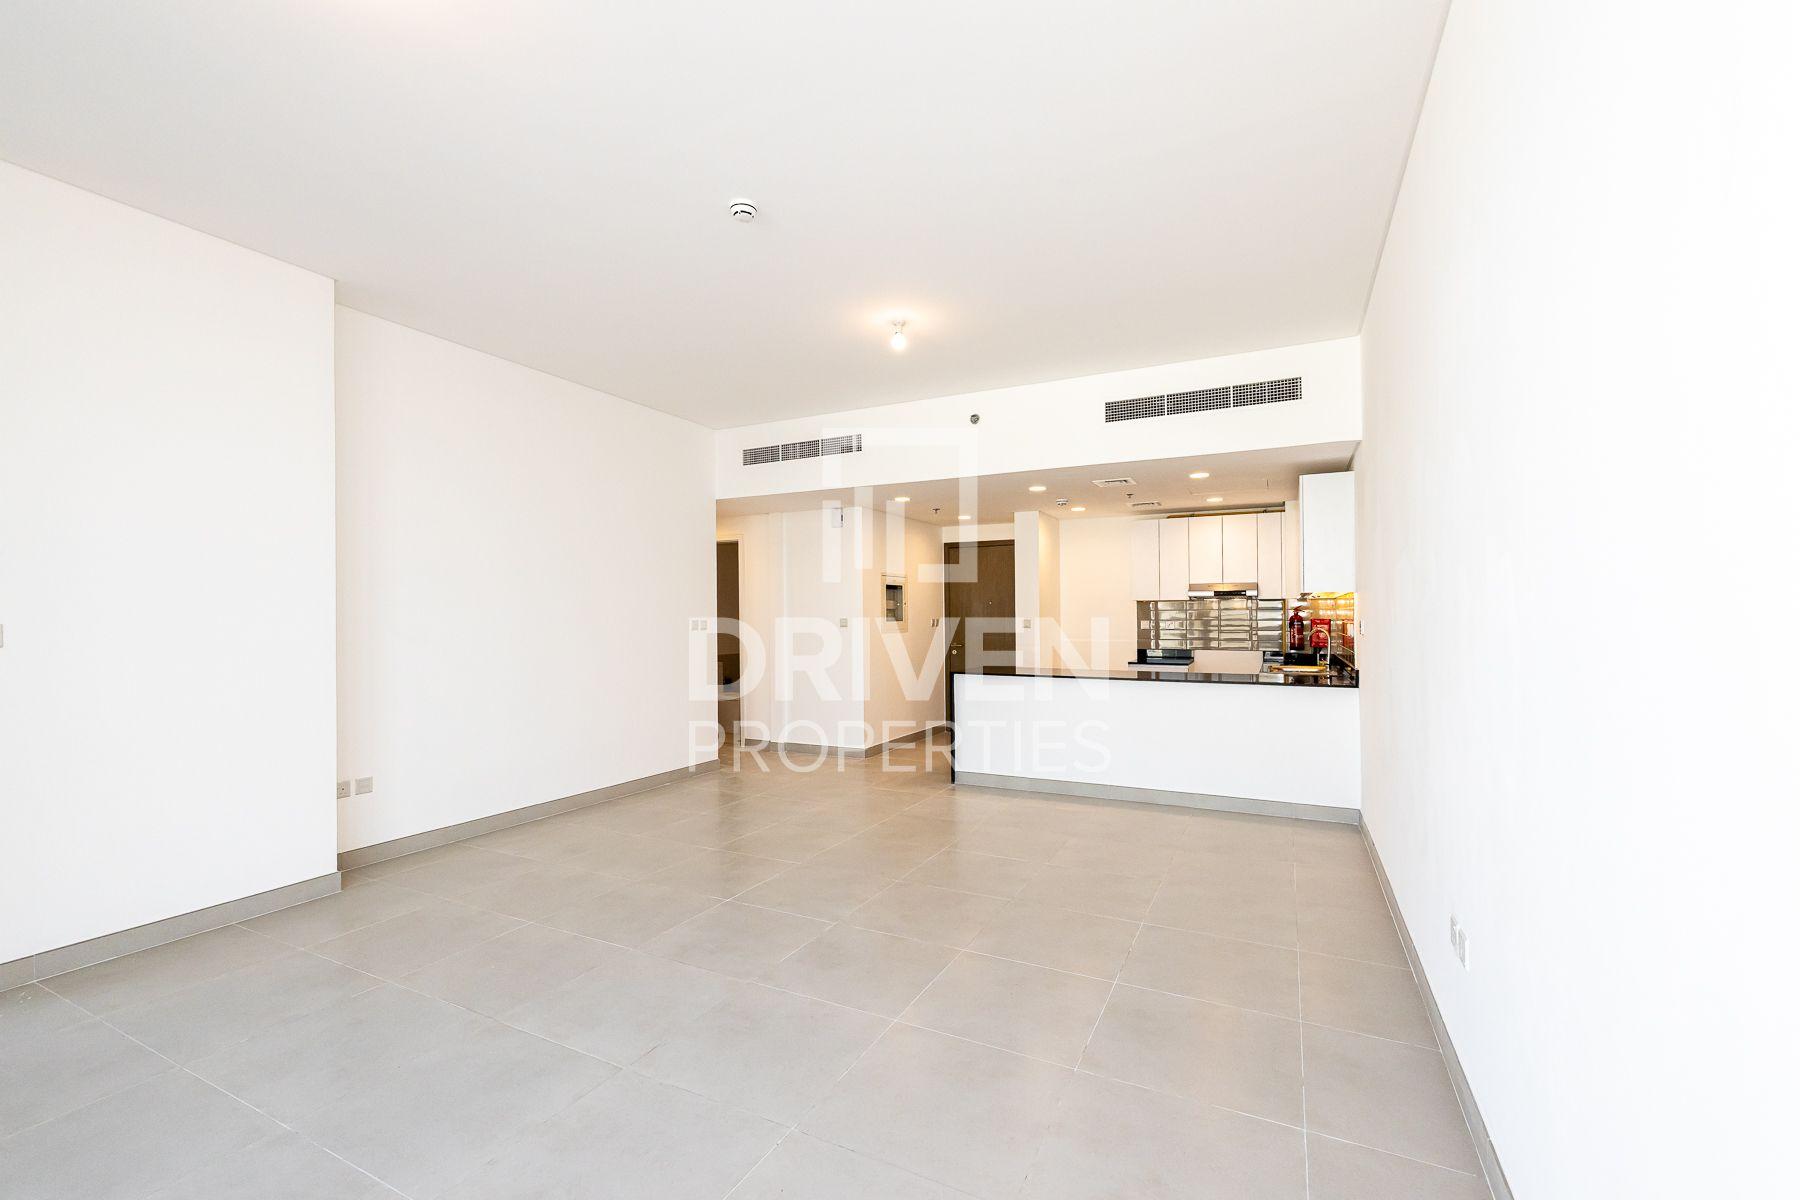 1,130 قدم مربع  شقة - للايجار - دبي الجنوب (مركز دبي العالمي)